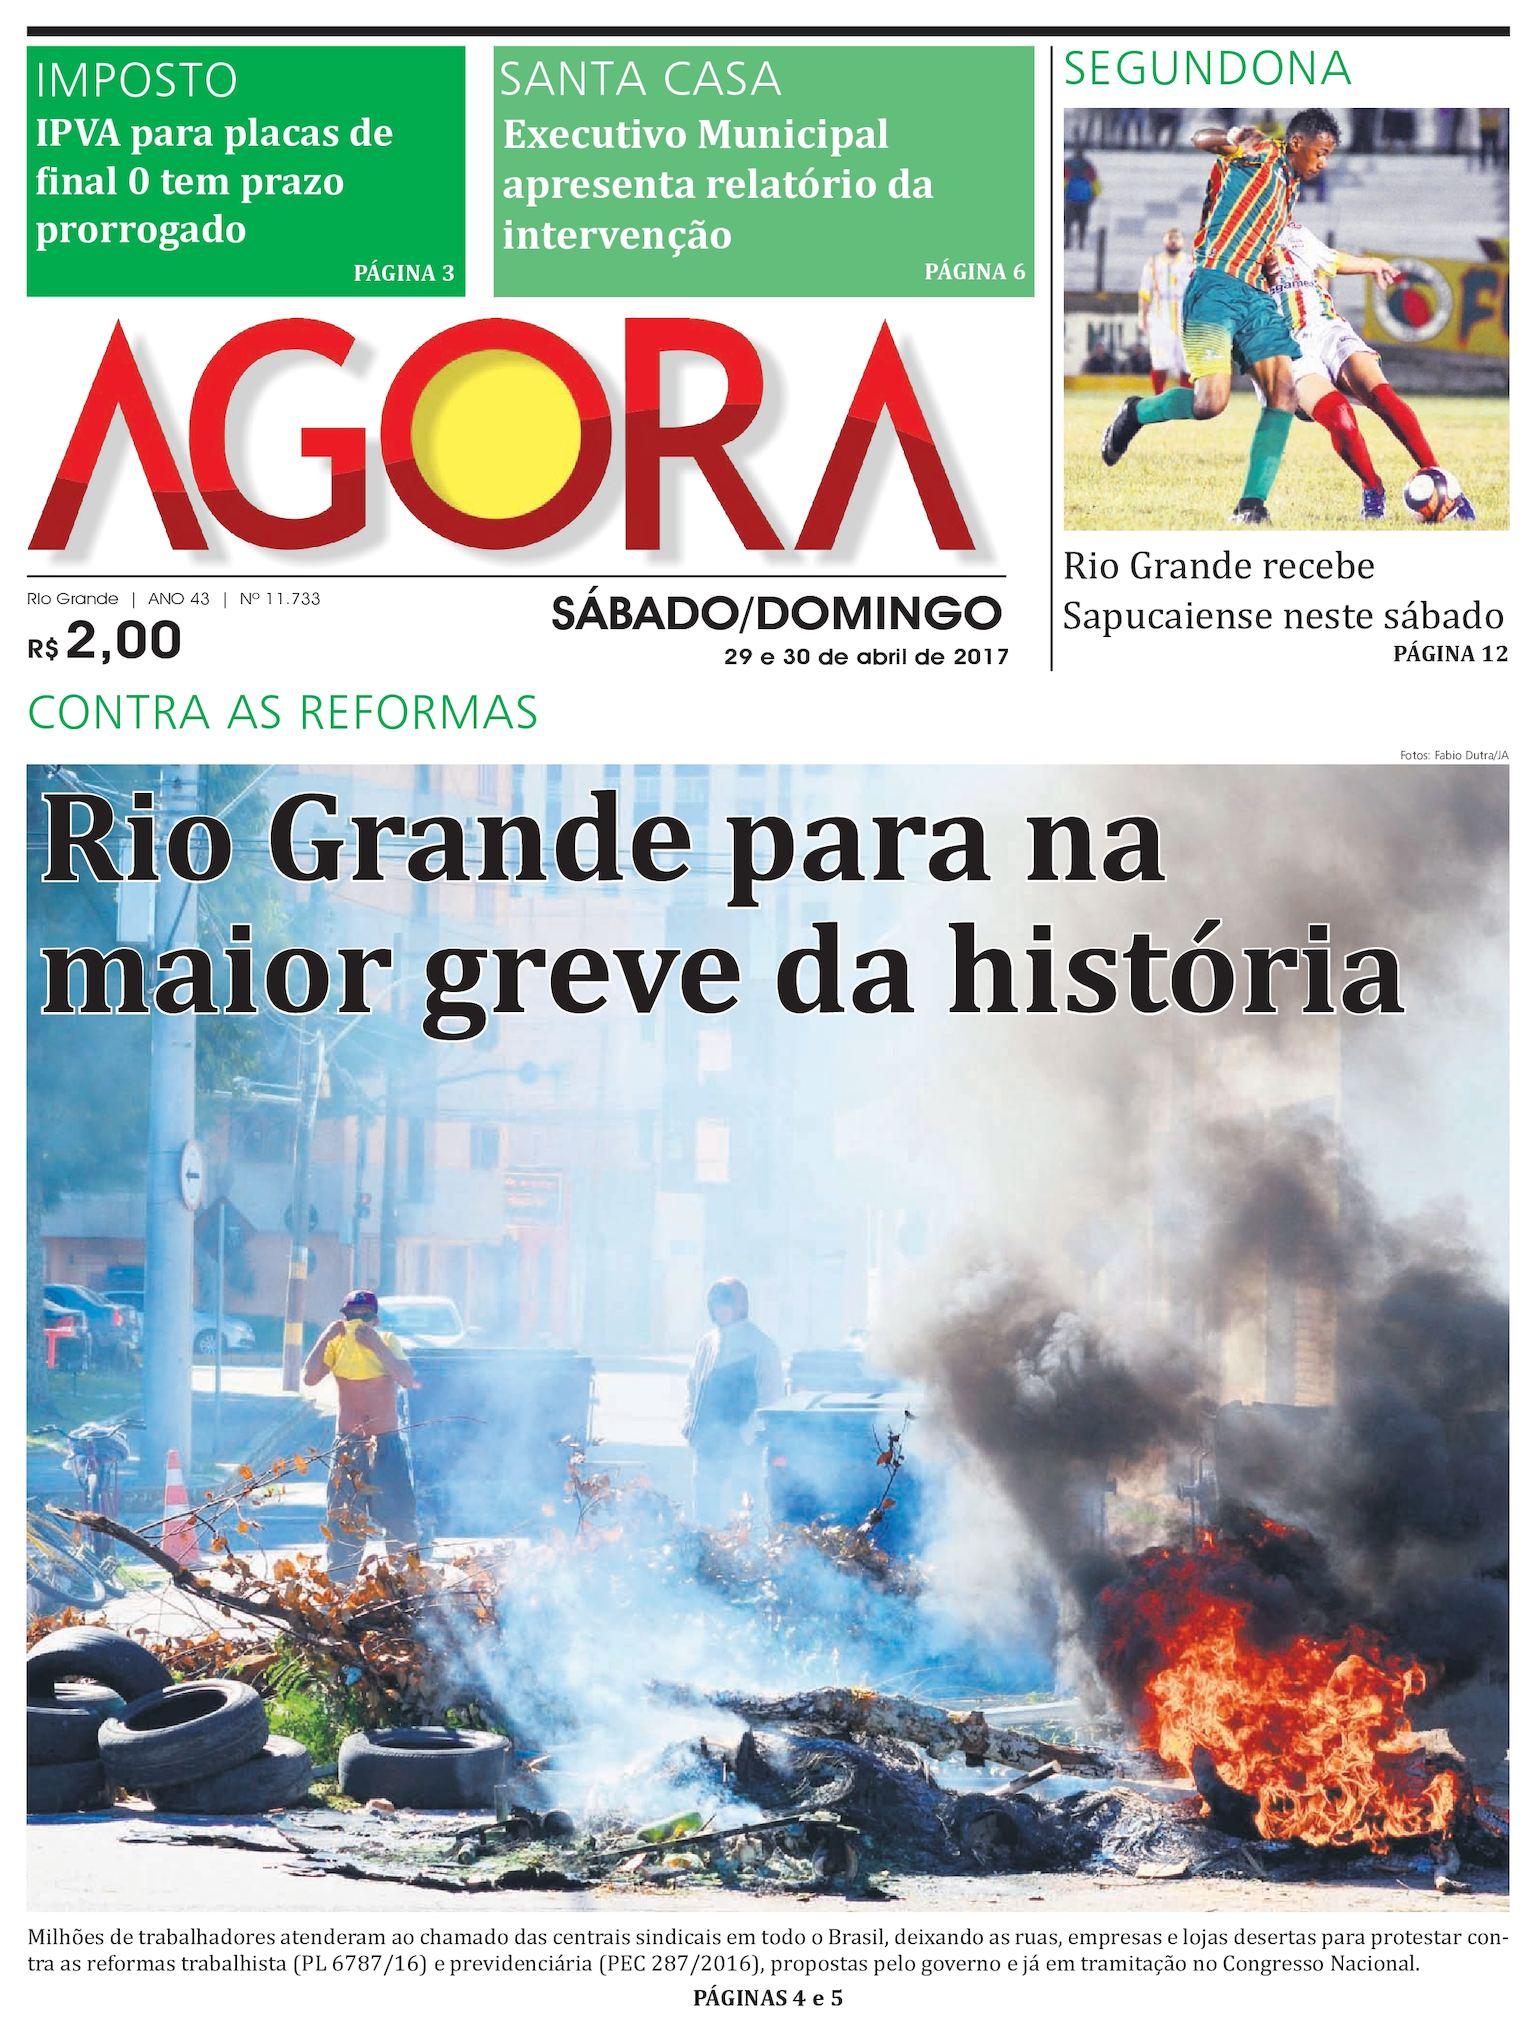 9d61141ee Calaméo - Jornal Agora - Edição 11733 - 29 e 30 de Abril de 2017